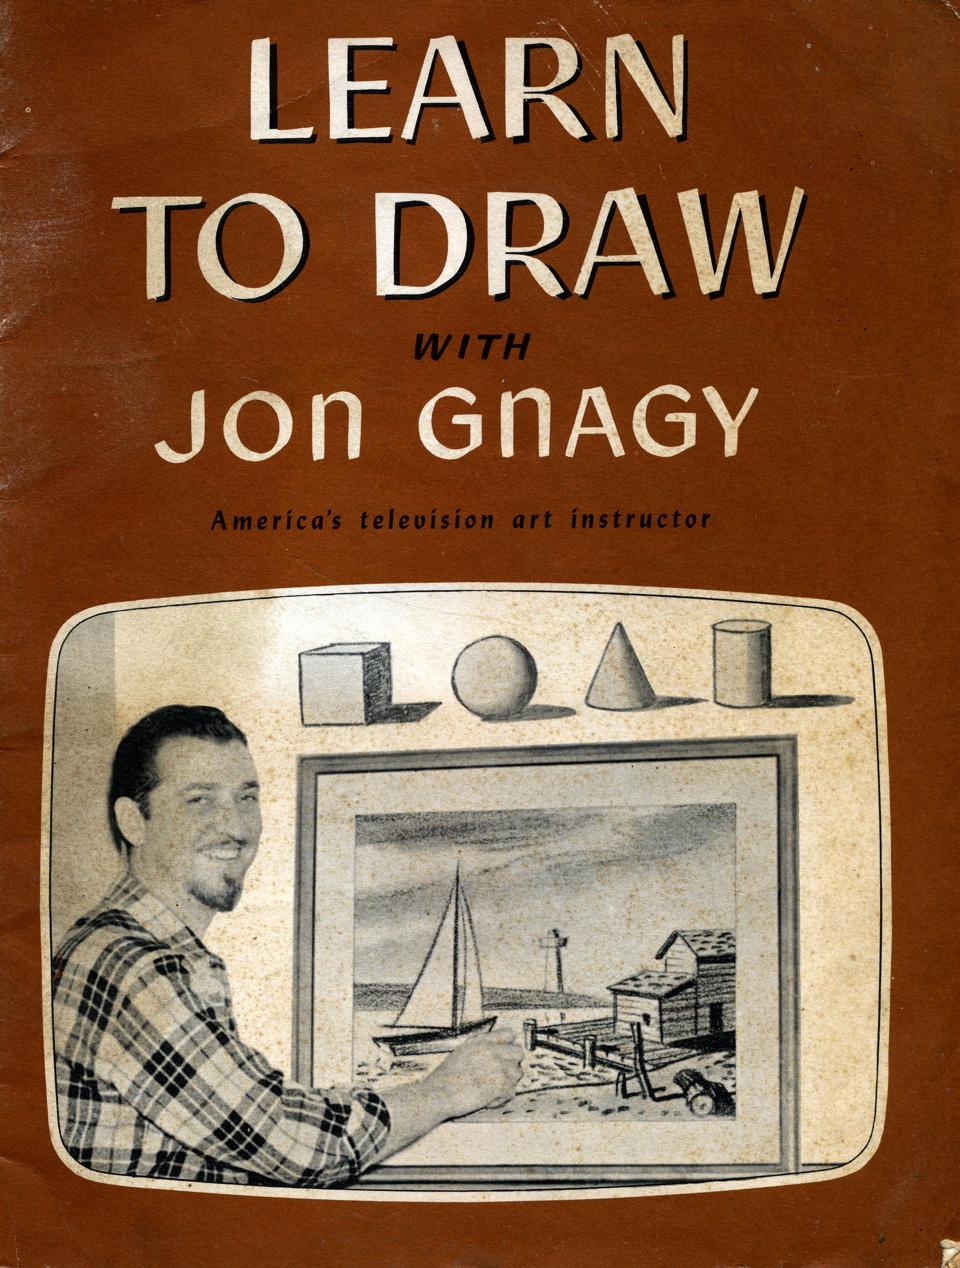 Jon Gnagy